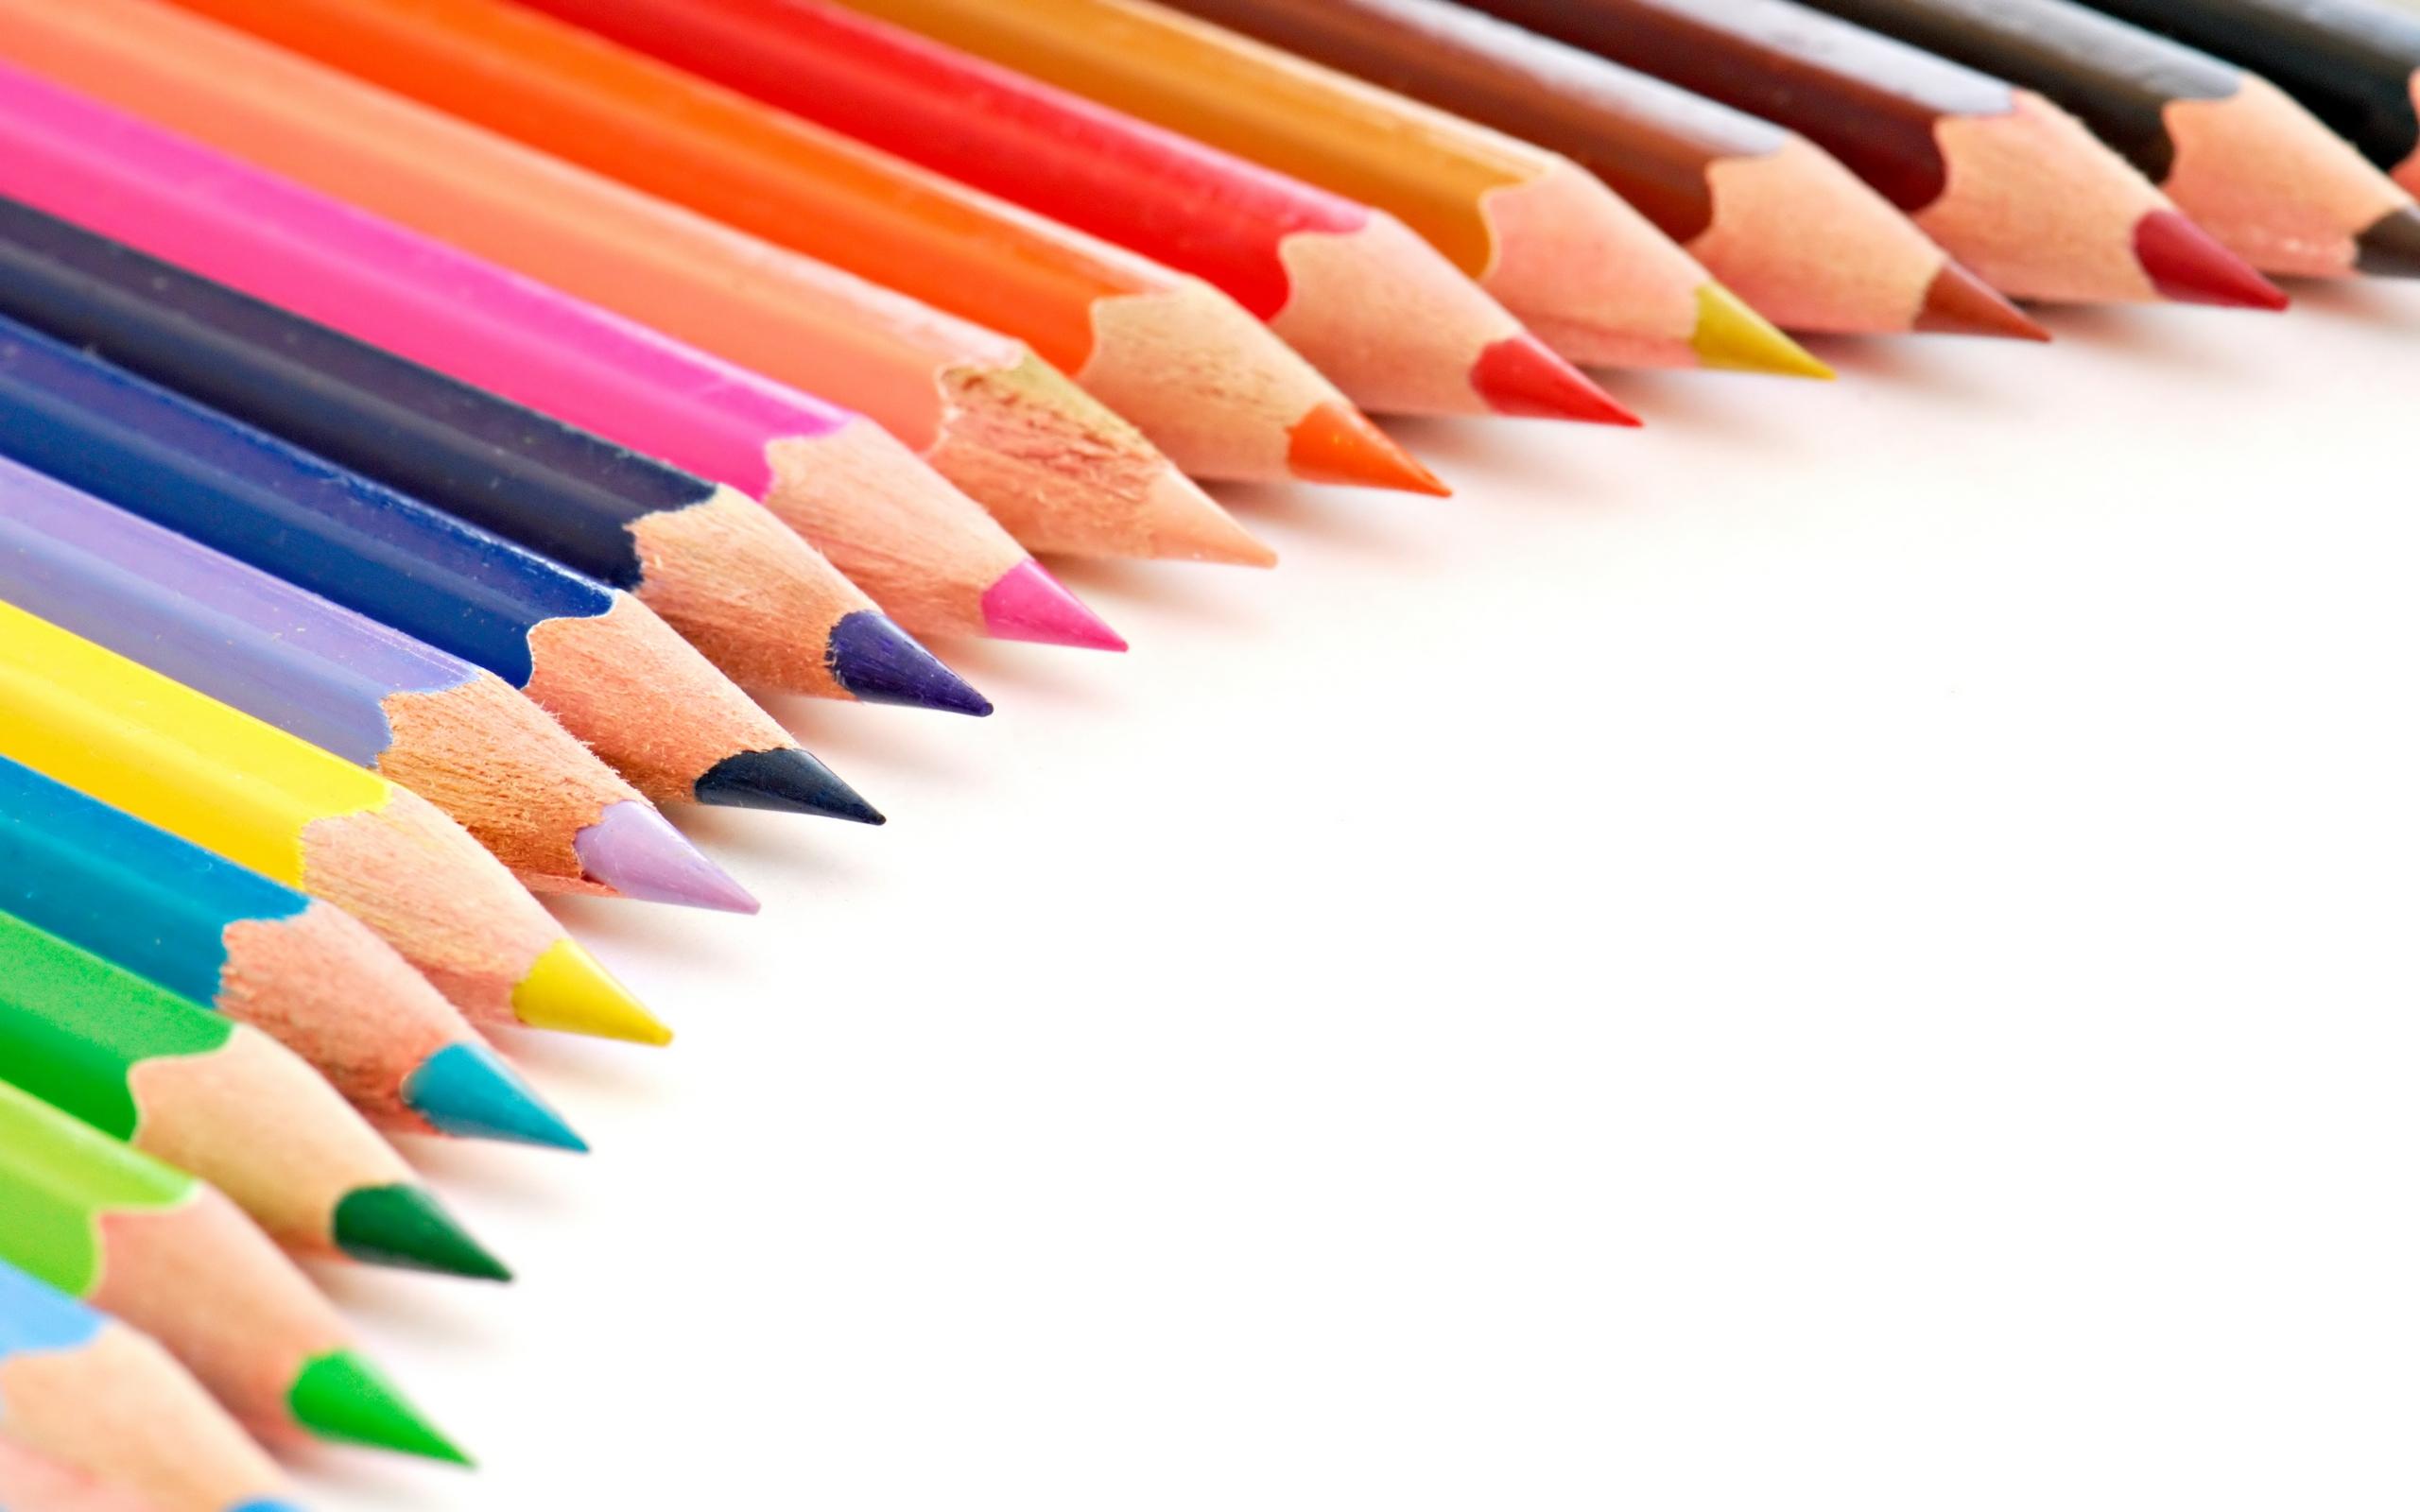 Colored Pencils Wallpaper HD